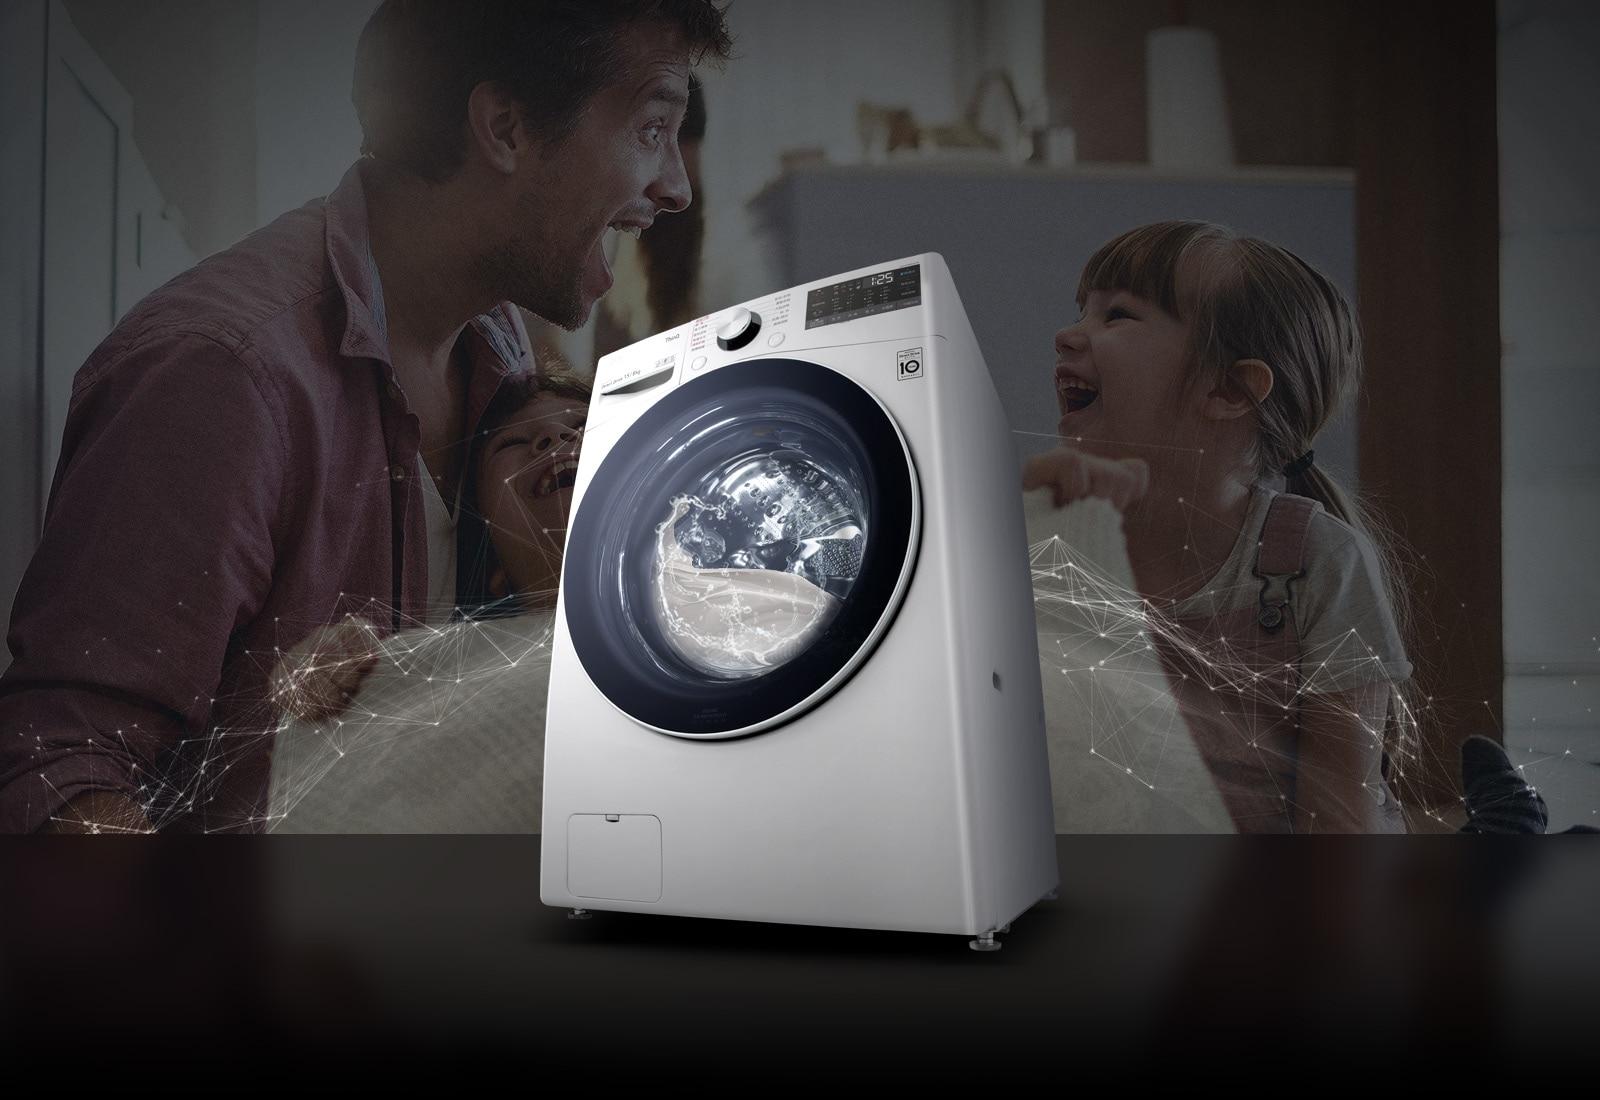 父親與女兒在拿著乾淨的毛毯時,後台出現笑聲。畫面前方是一台白色滾筒洗衣機。